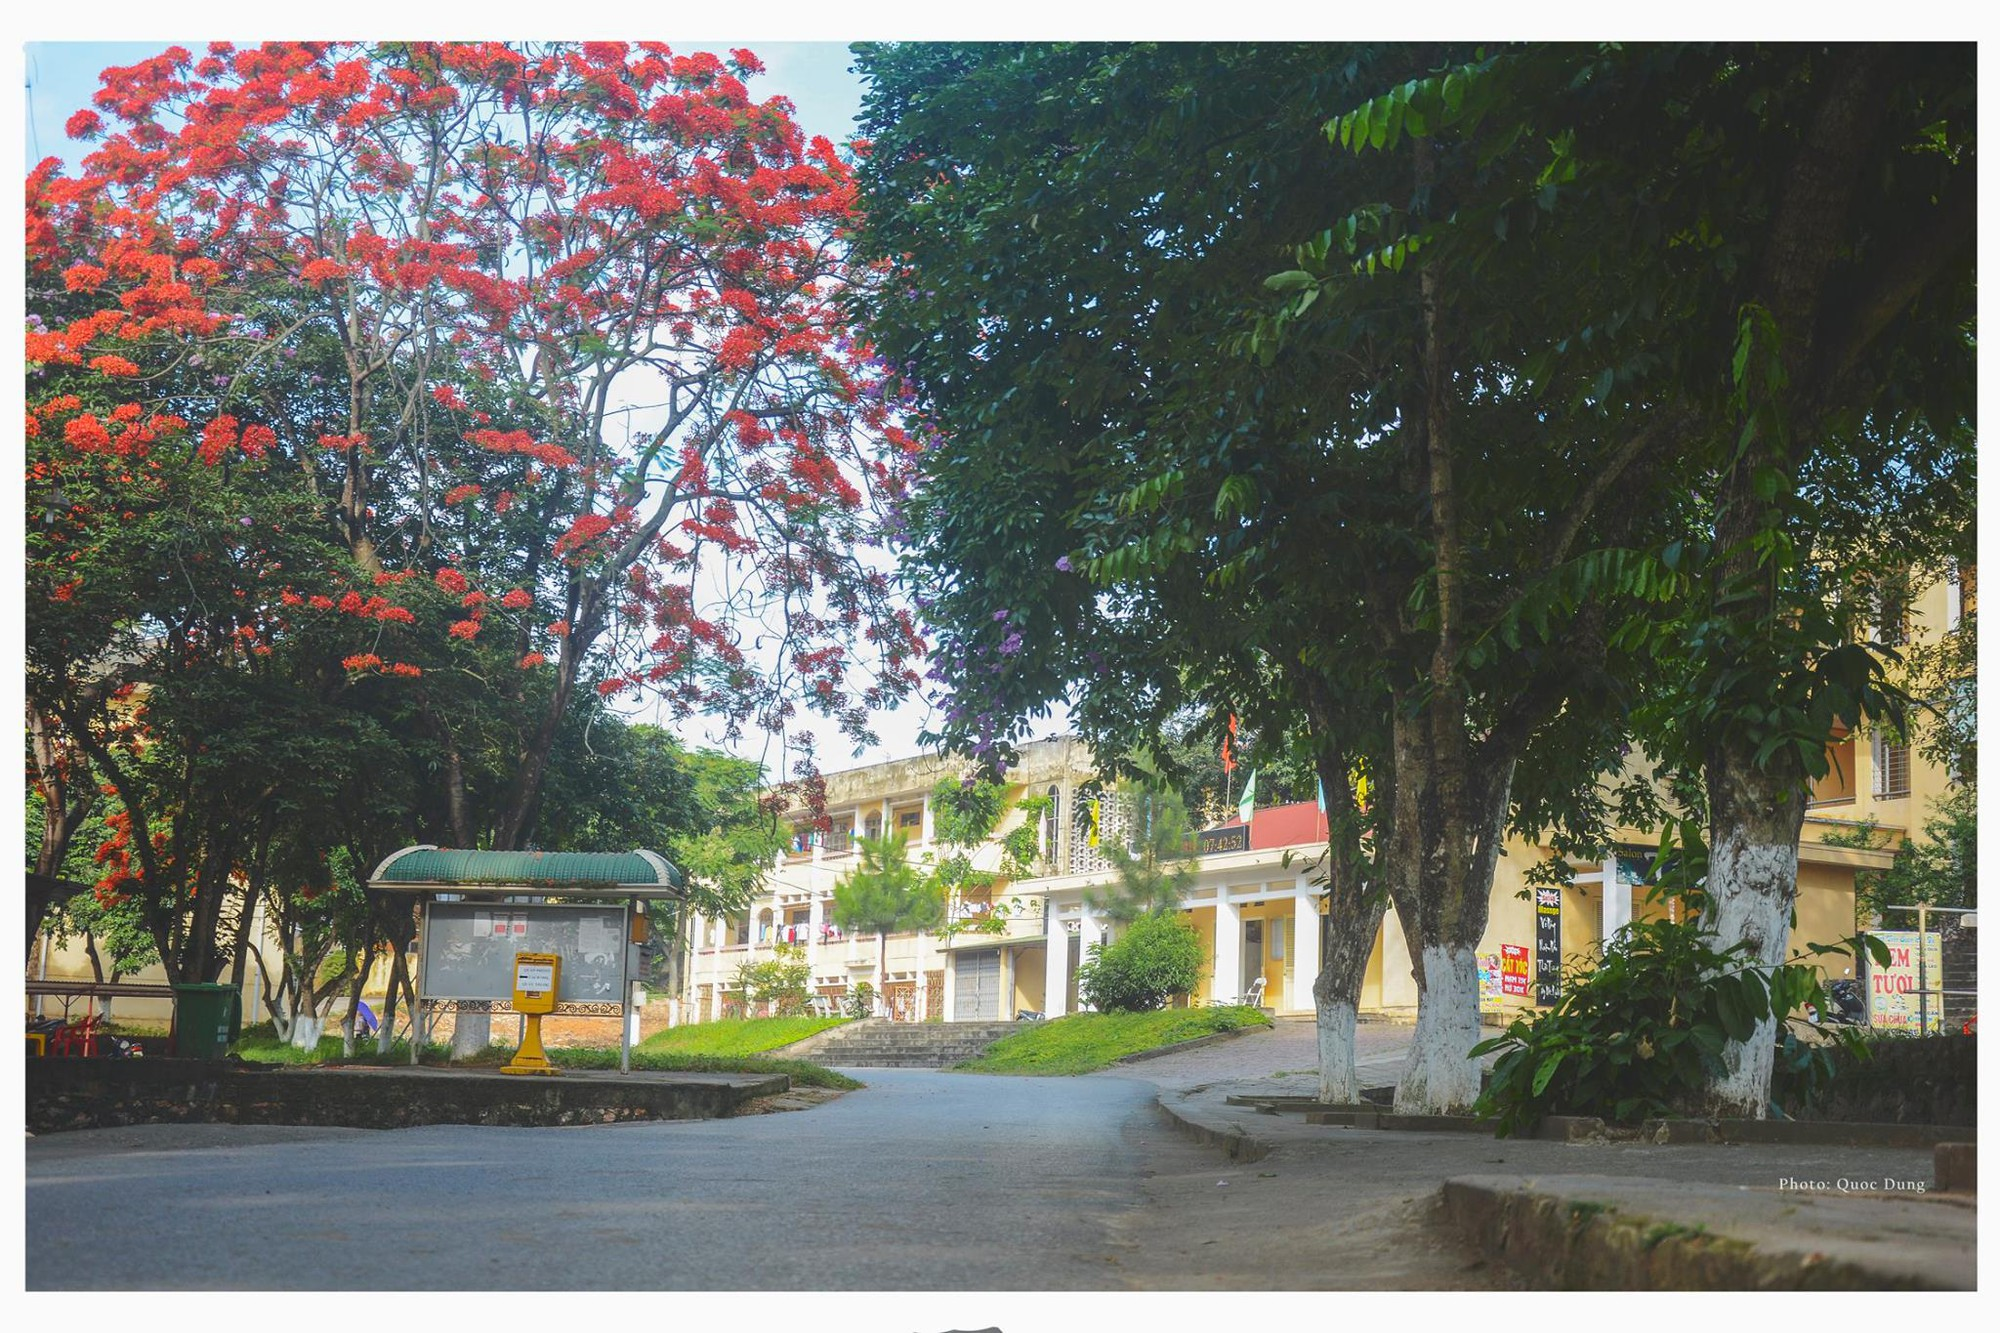 Đây là Đại học duy nhất ở Việt Nam có 1 khu rừng tuyệt đẹp ngay trong khuôn viên trường, tha hồ sống ảo - Ảnh 10.